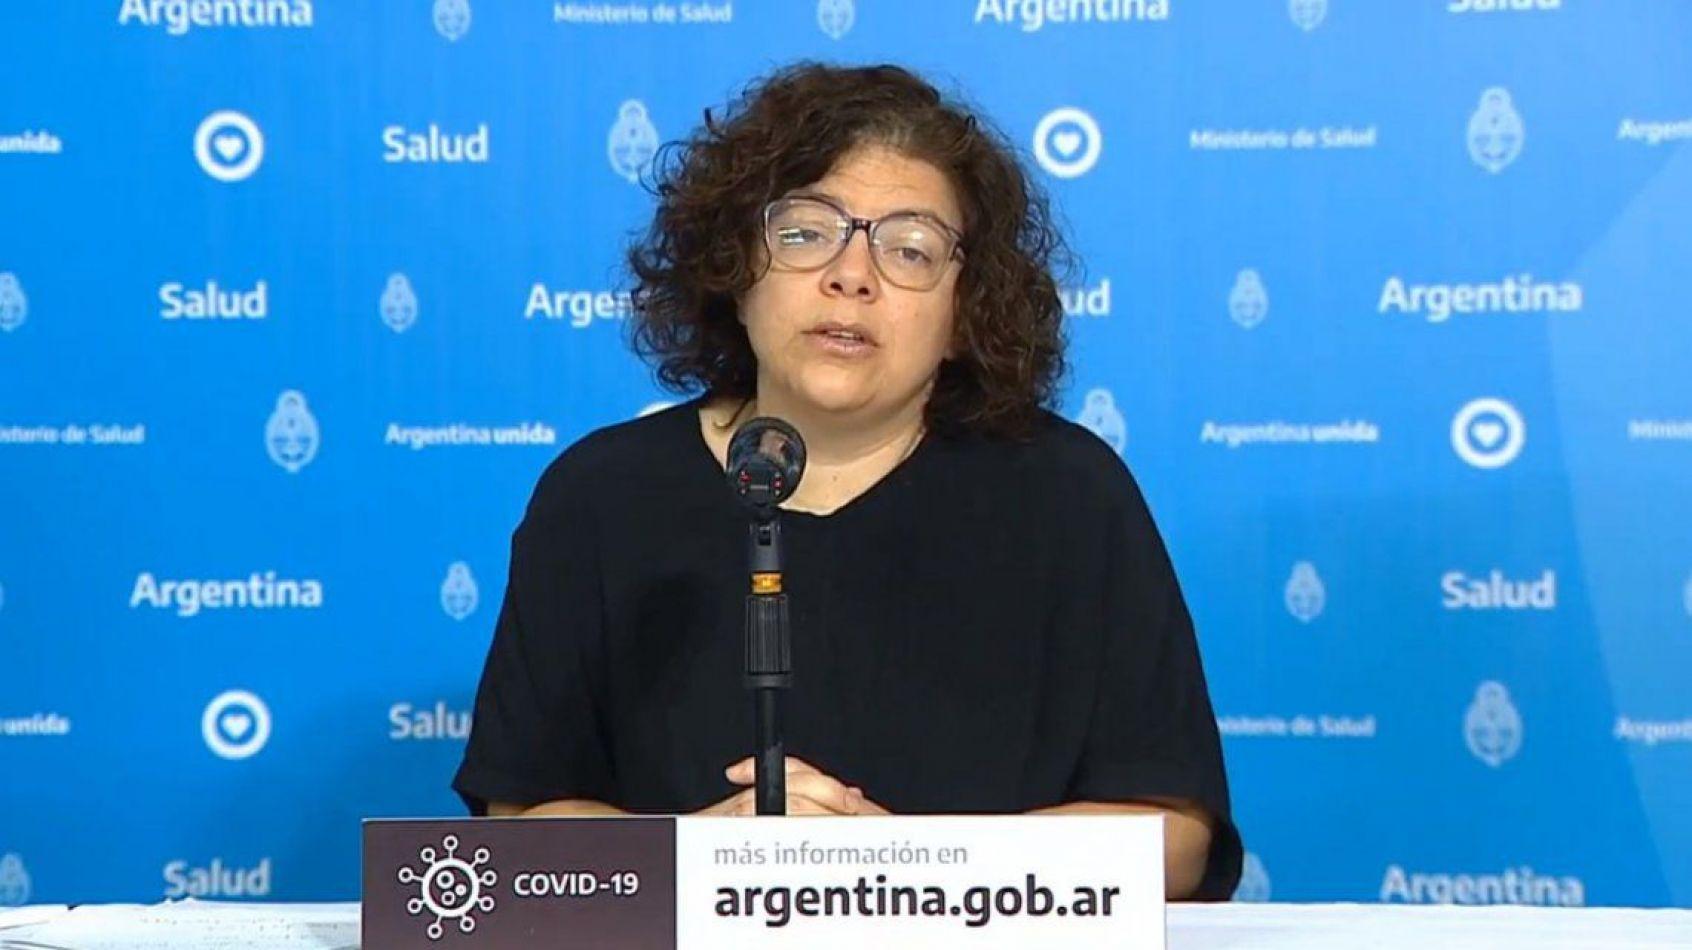 Durante la pandemia murieron 69 niños a raíz del coronavirus en Argentina